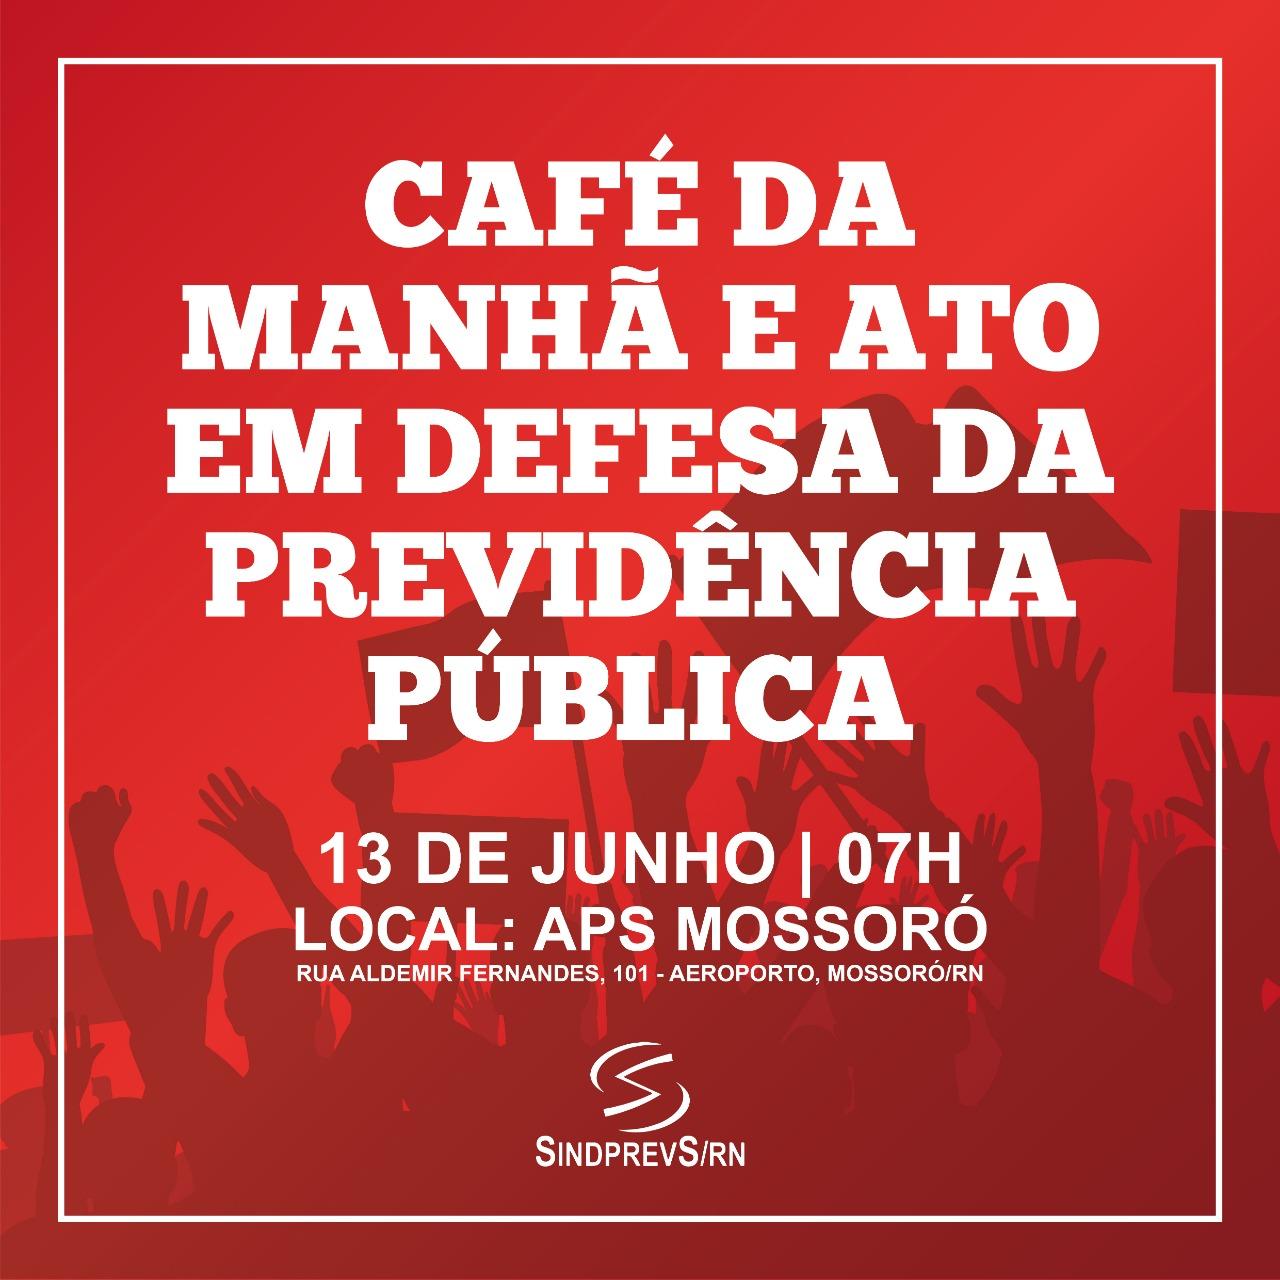 Café da Manhã e Ato em Defesa da Previdência Pública, Mossoró/RS